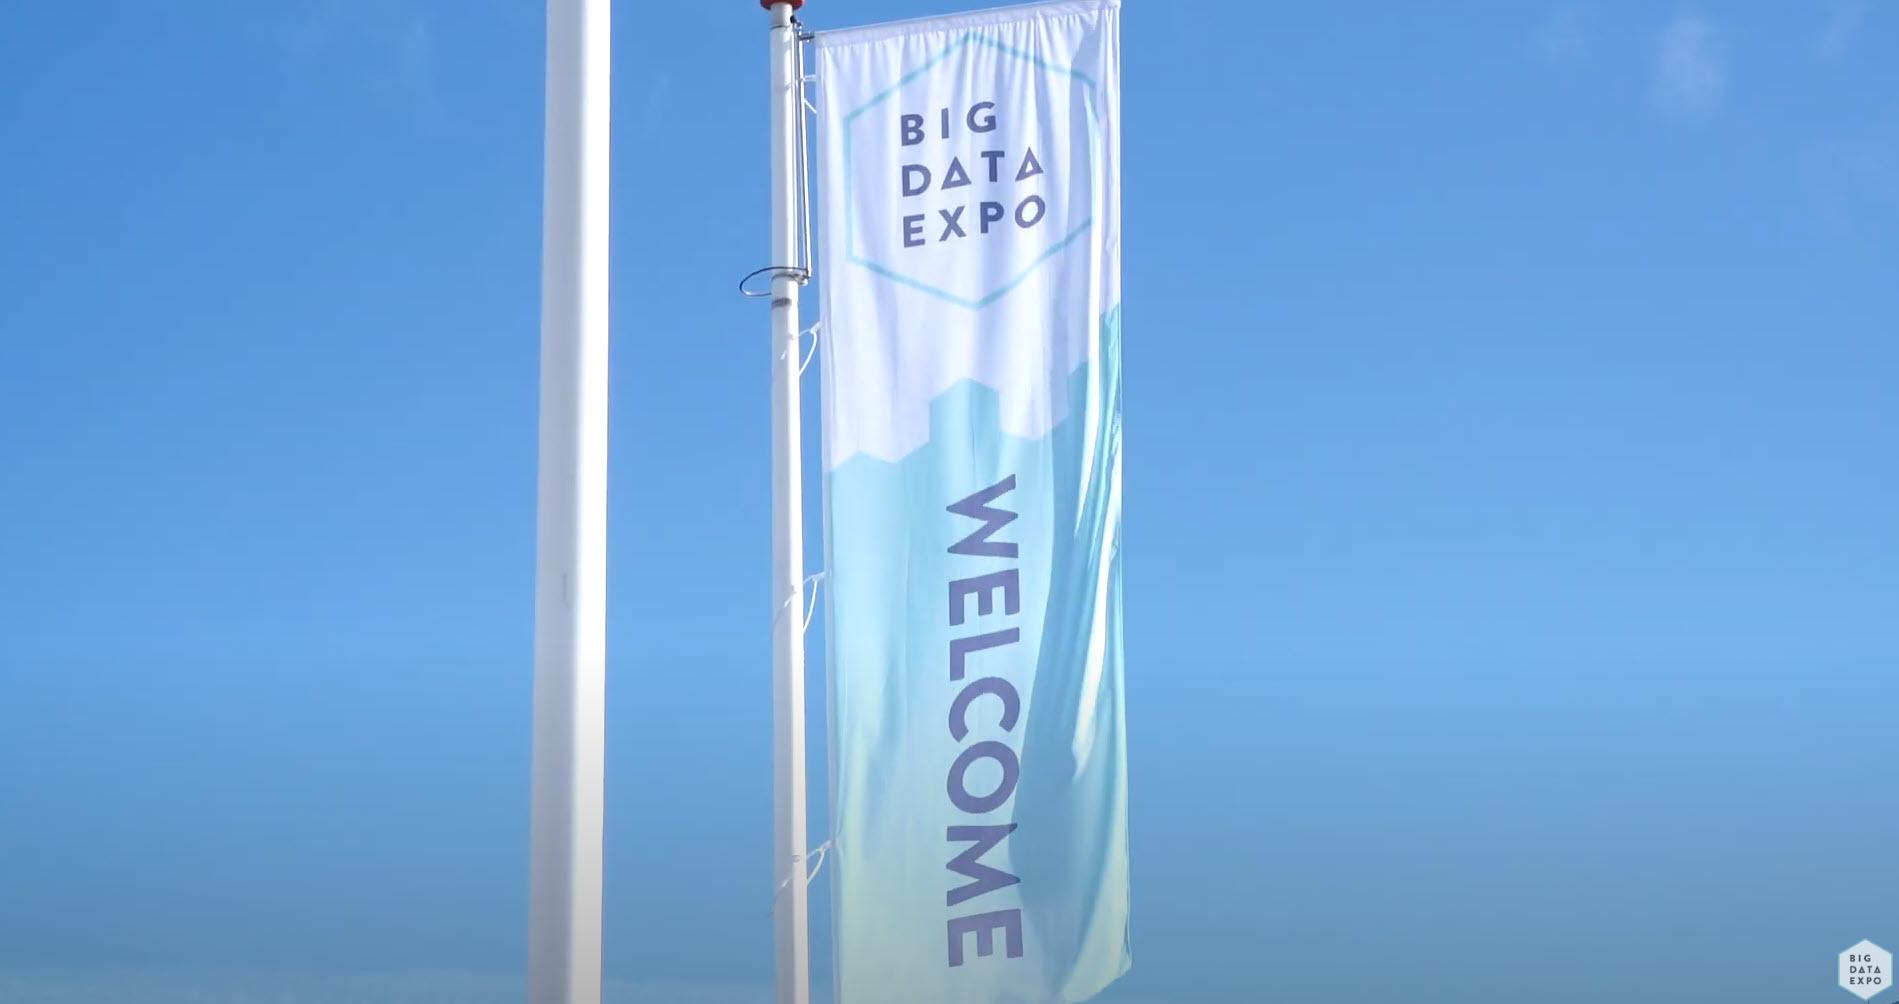 standbouwer big data expo jaarbeurs